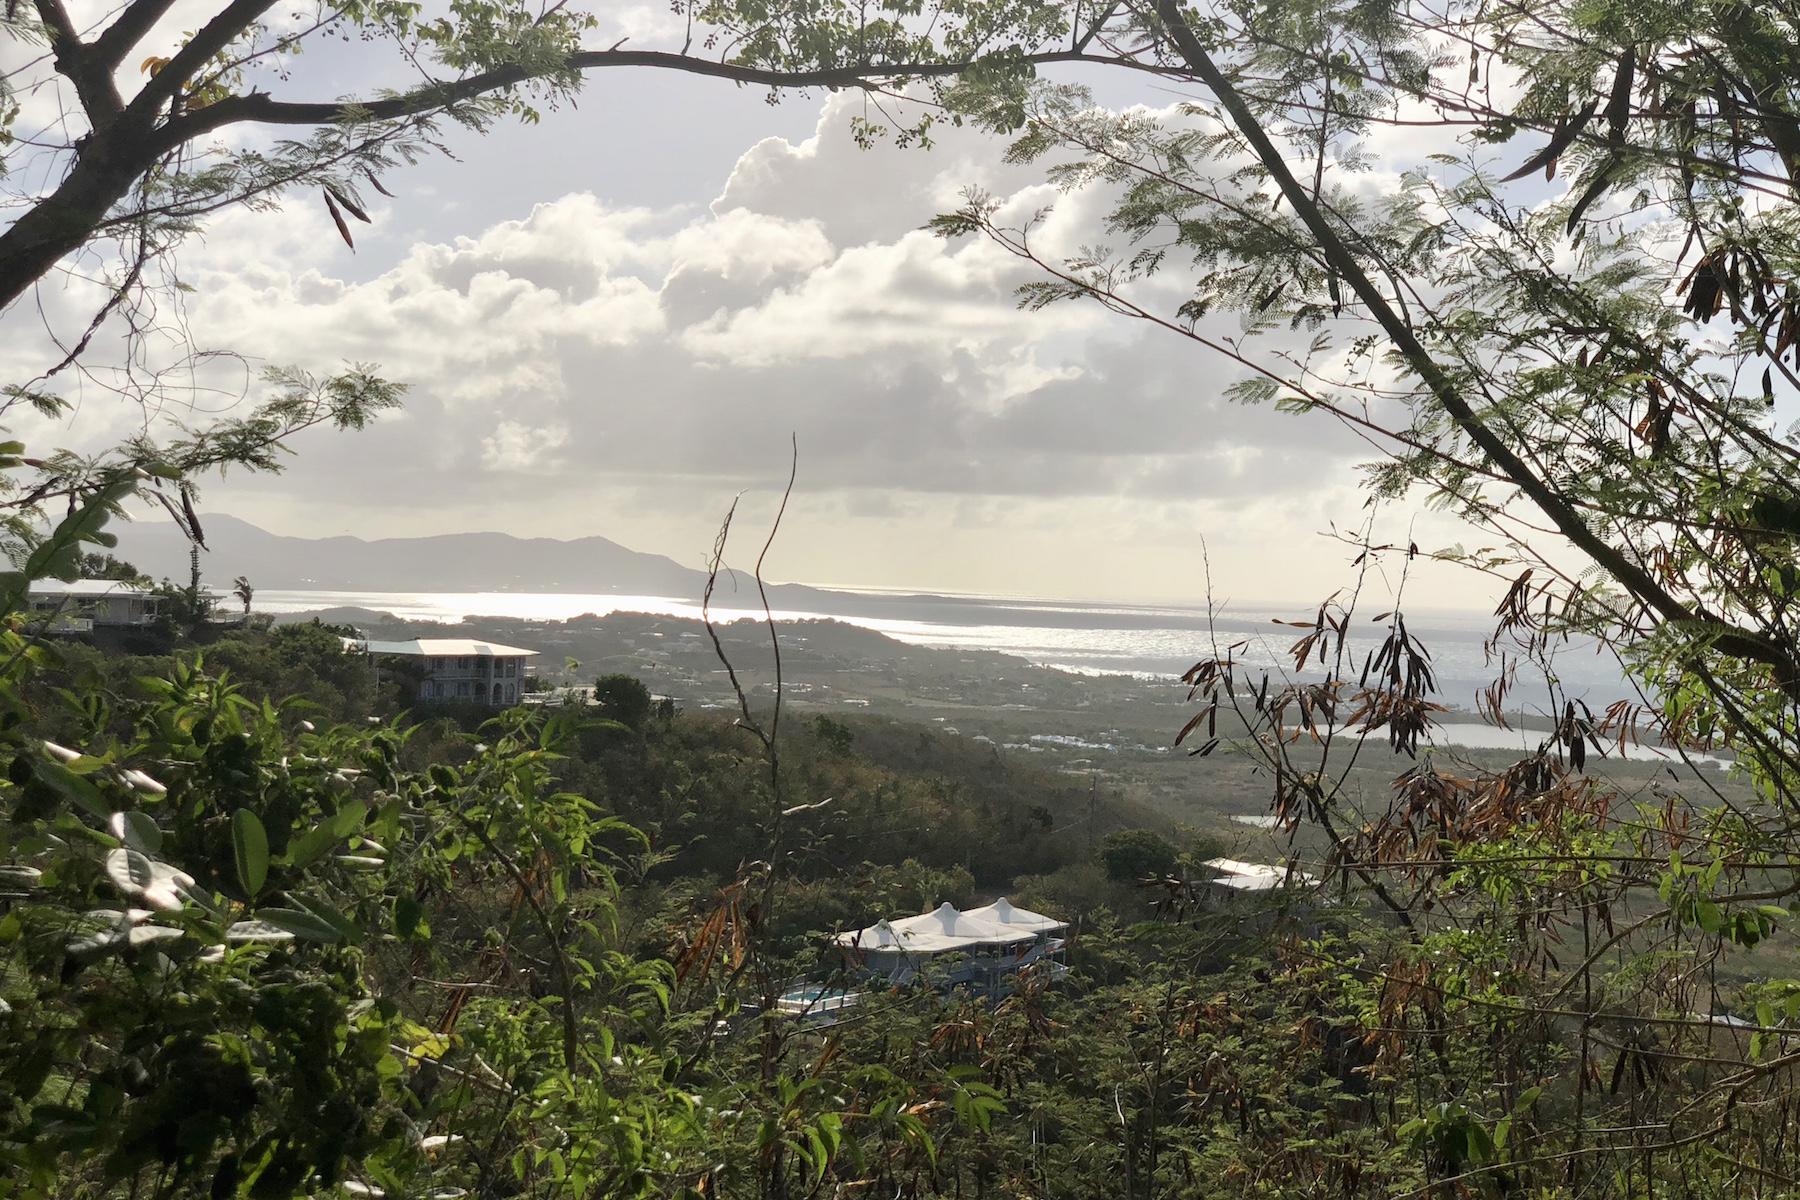 Land for Sale at 56 Seven Hills EA 56 Seven Hills St Croix, Virgin Islands 00820 United States Virgin Islands